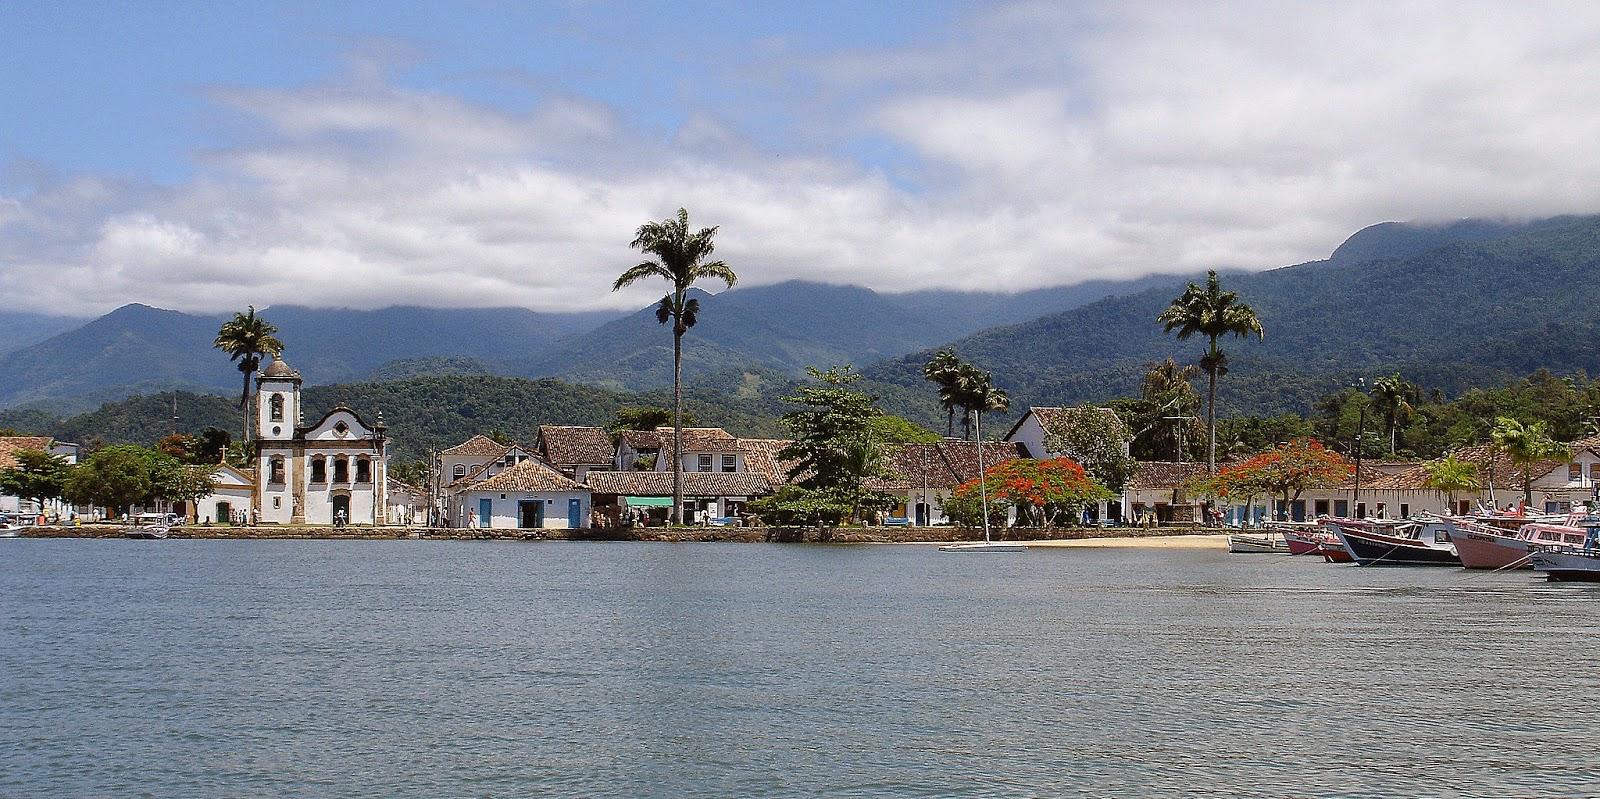 Agencia de mergulho em Paraty RJ